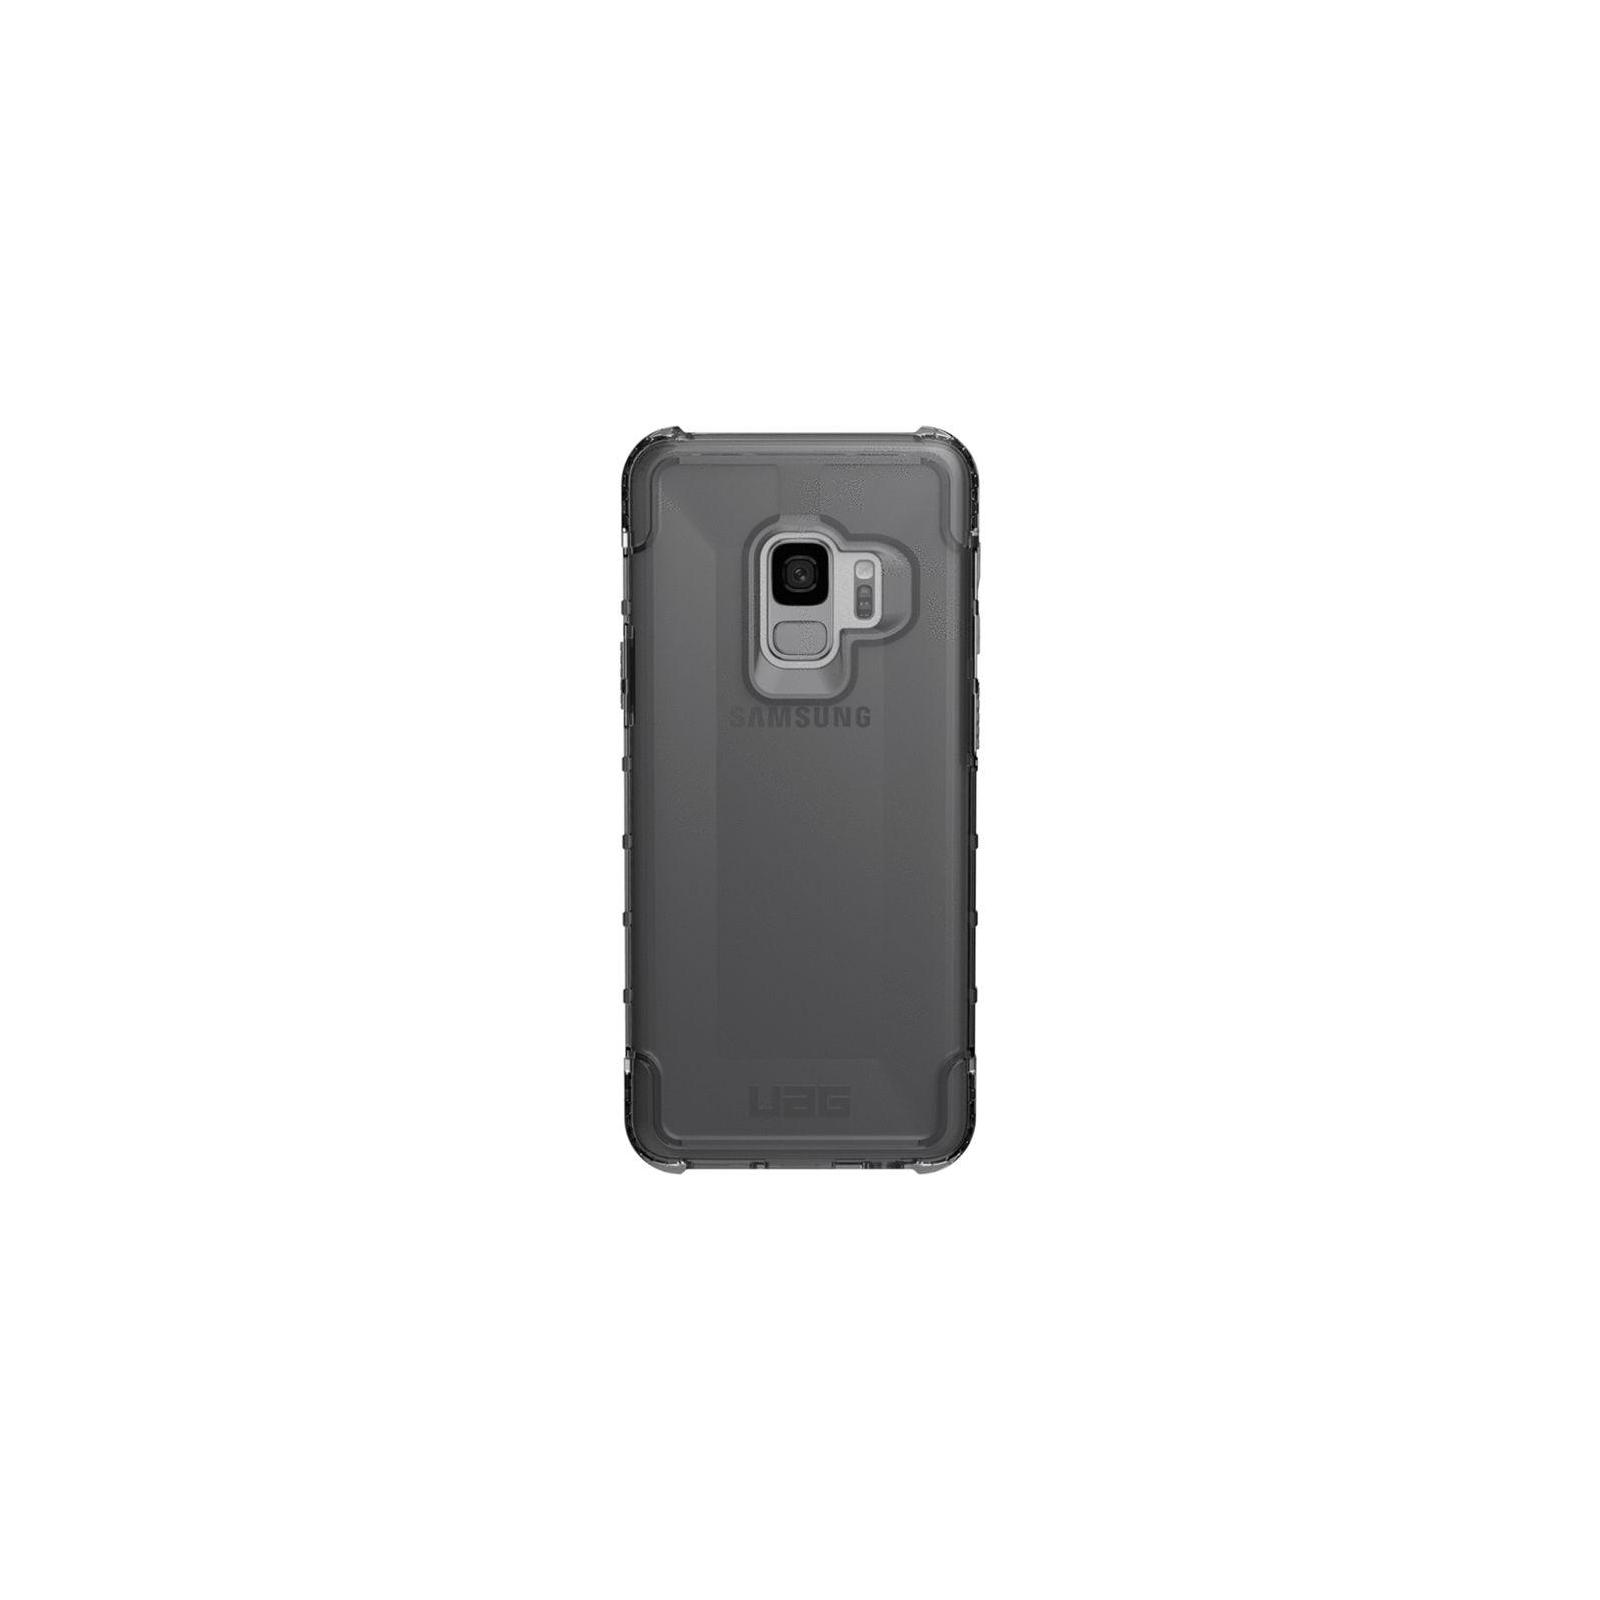 Чехол для моб. телефона Urban Armor Gear Galaxy S9 Plyo Ash (GLXS9-Y-AS)